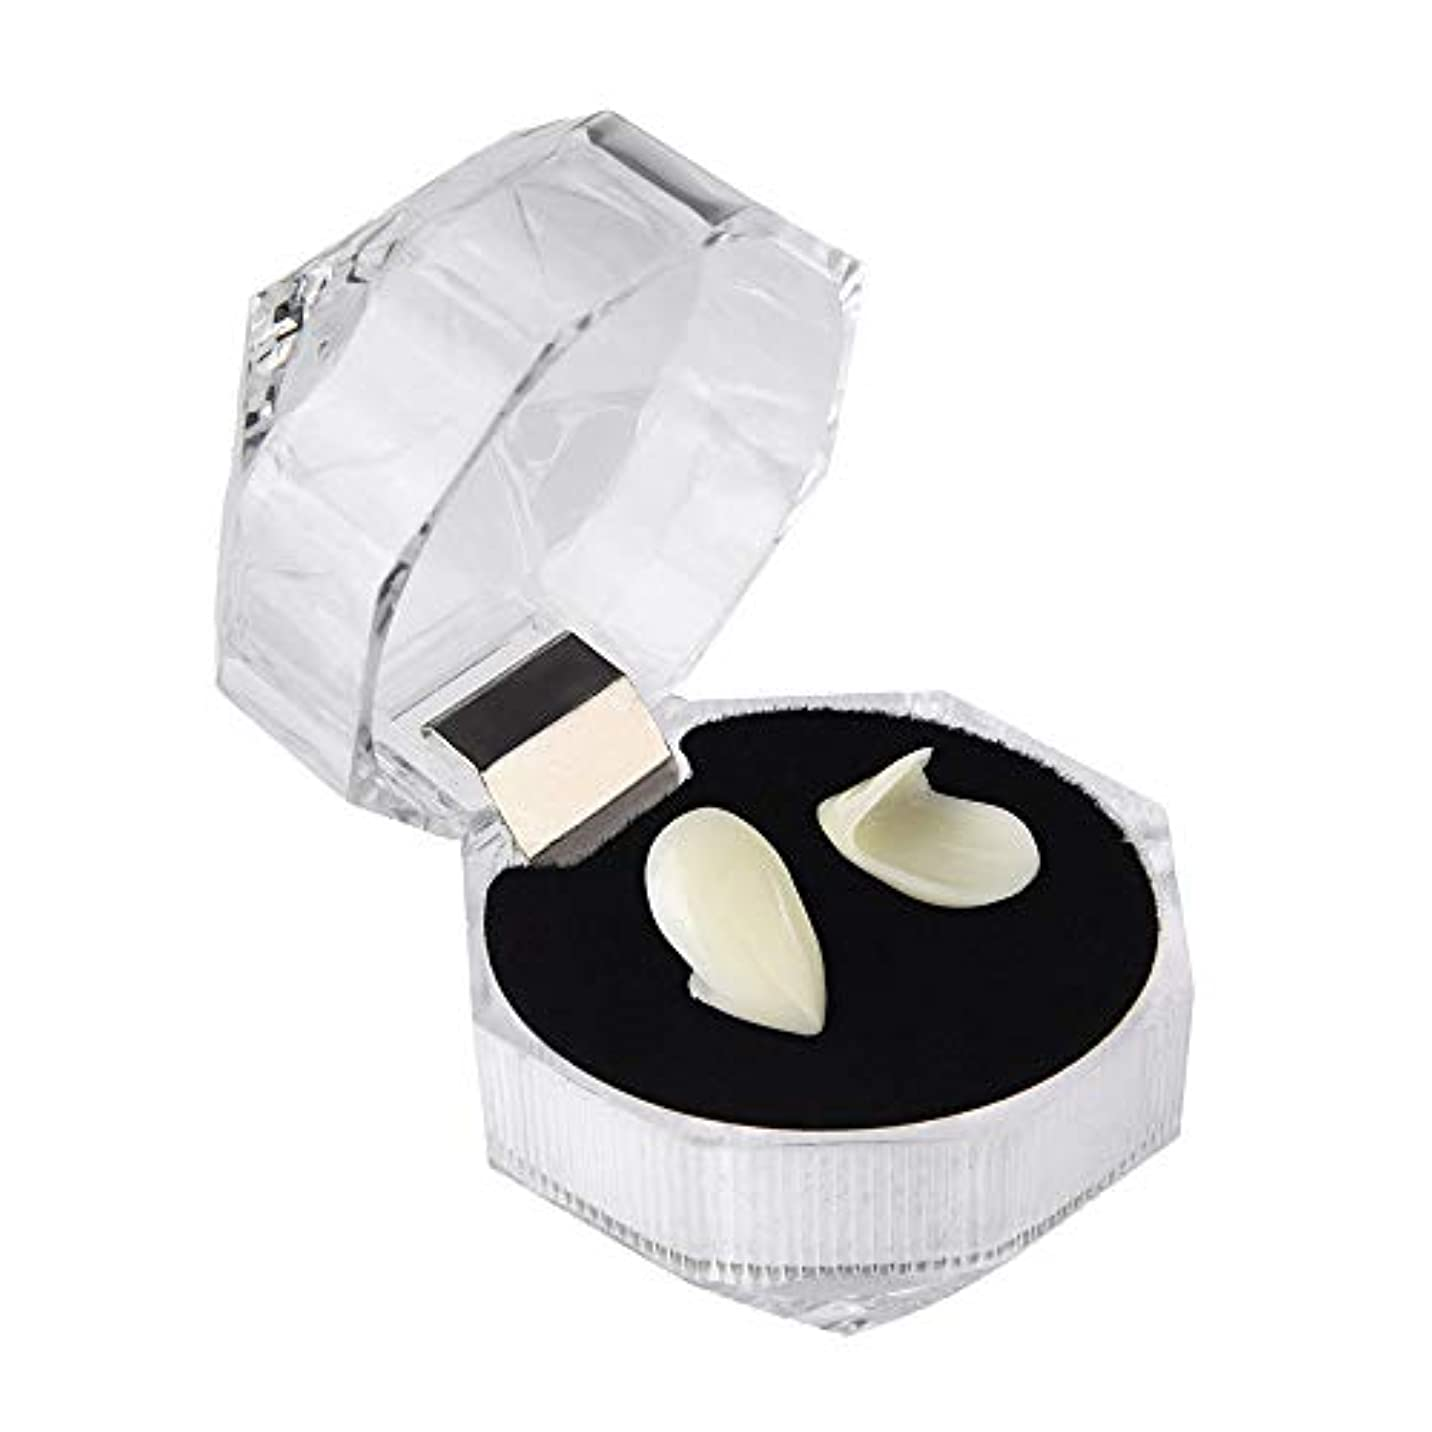 粘液許さないハブブユニセックスハロウィンロールプレイングゾンビ義歯、樹脂にやさしい食品グレード義歯(歯のジェル付き),13mm